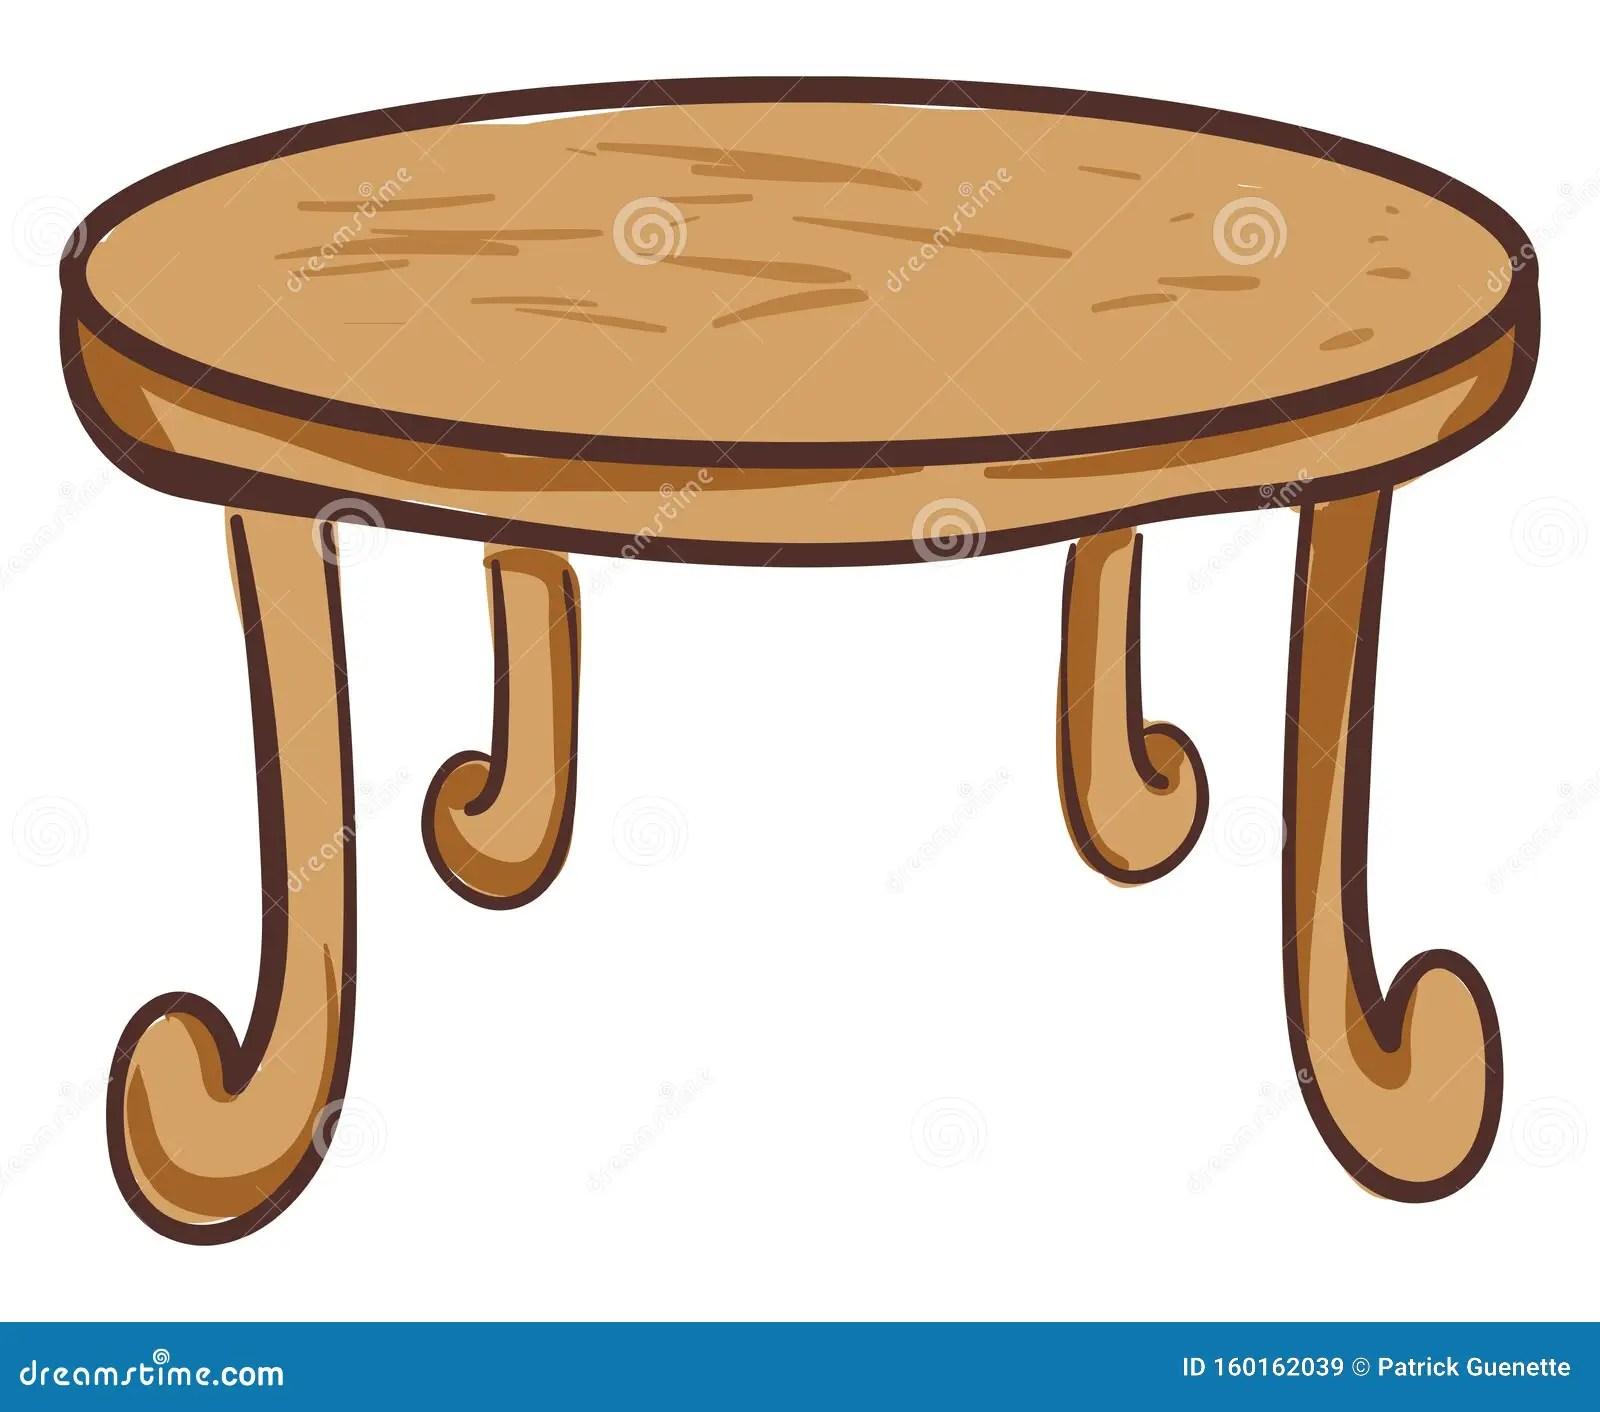 dessin de la table ronde a manger en